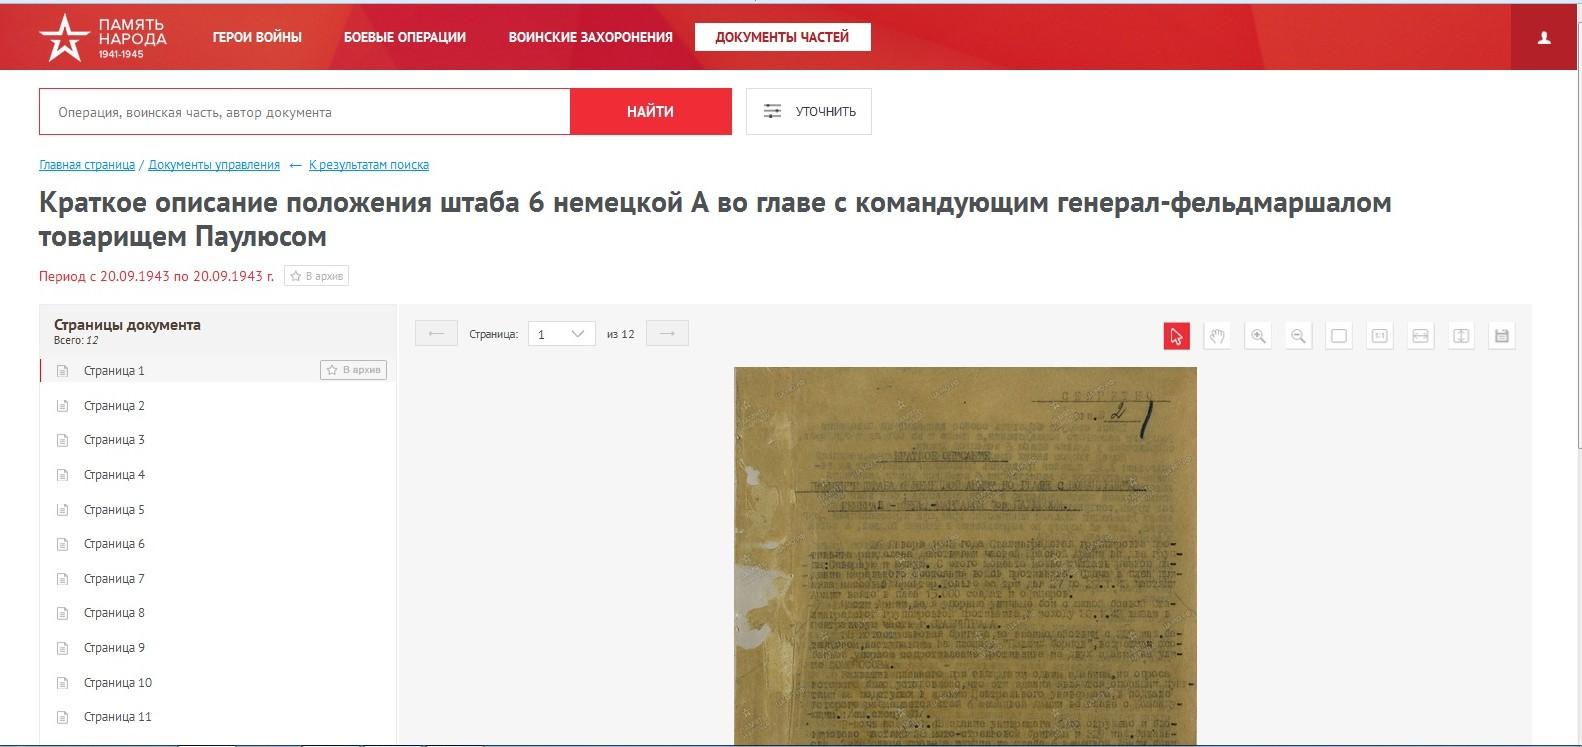 http://www.imageup.ru/img59/2569544/tovarishh-paulyus.jpg